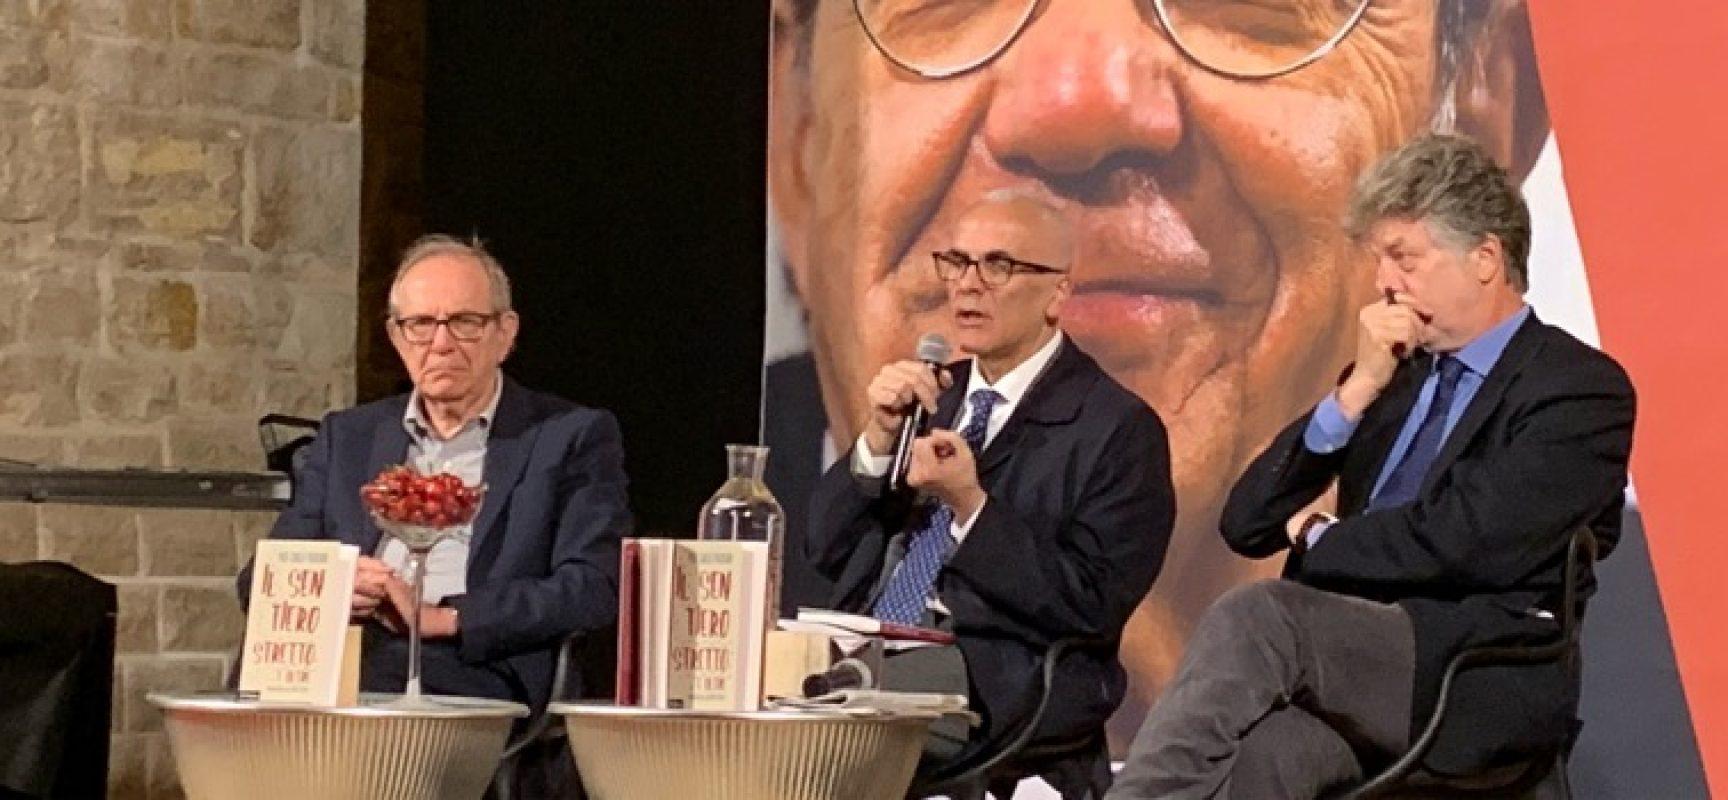 """L'ex ministro Padoan alle Vecchie Segherie Mastrototaro: """"Più Europa, ma servono riforme"""""""